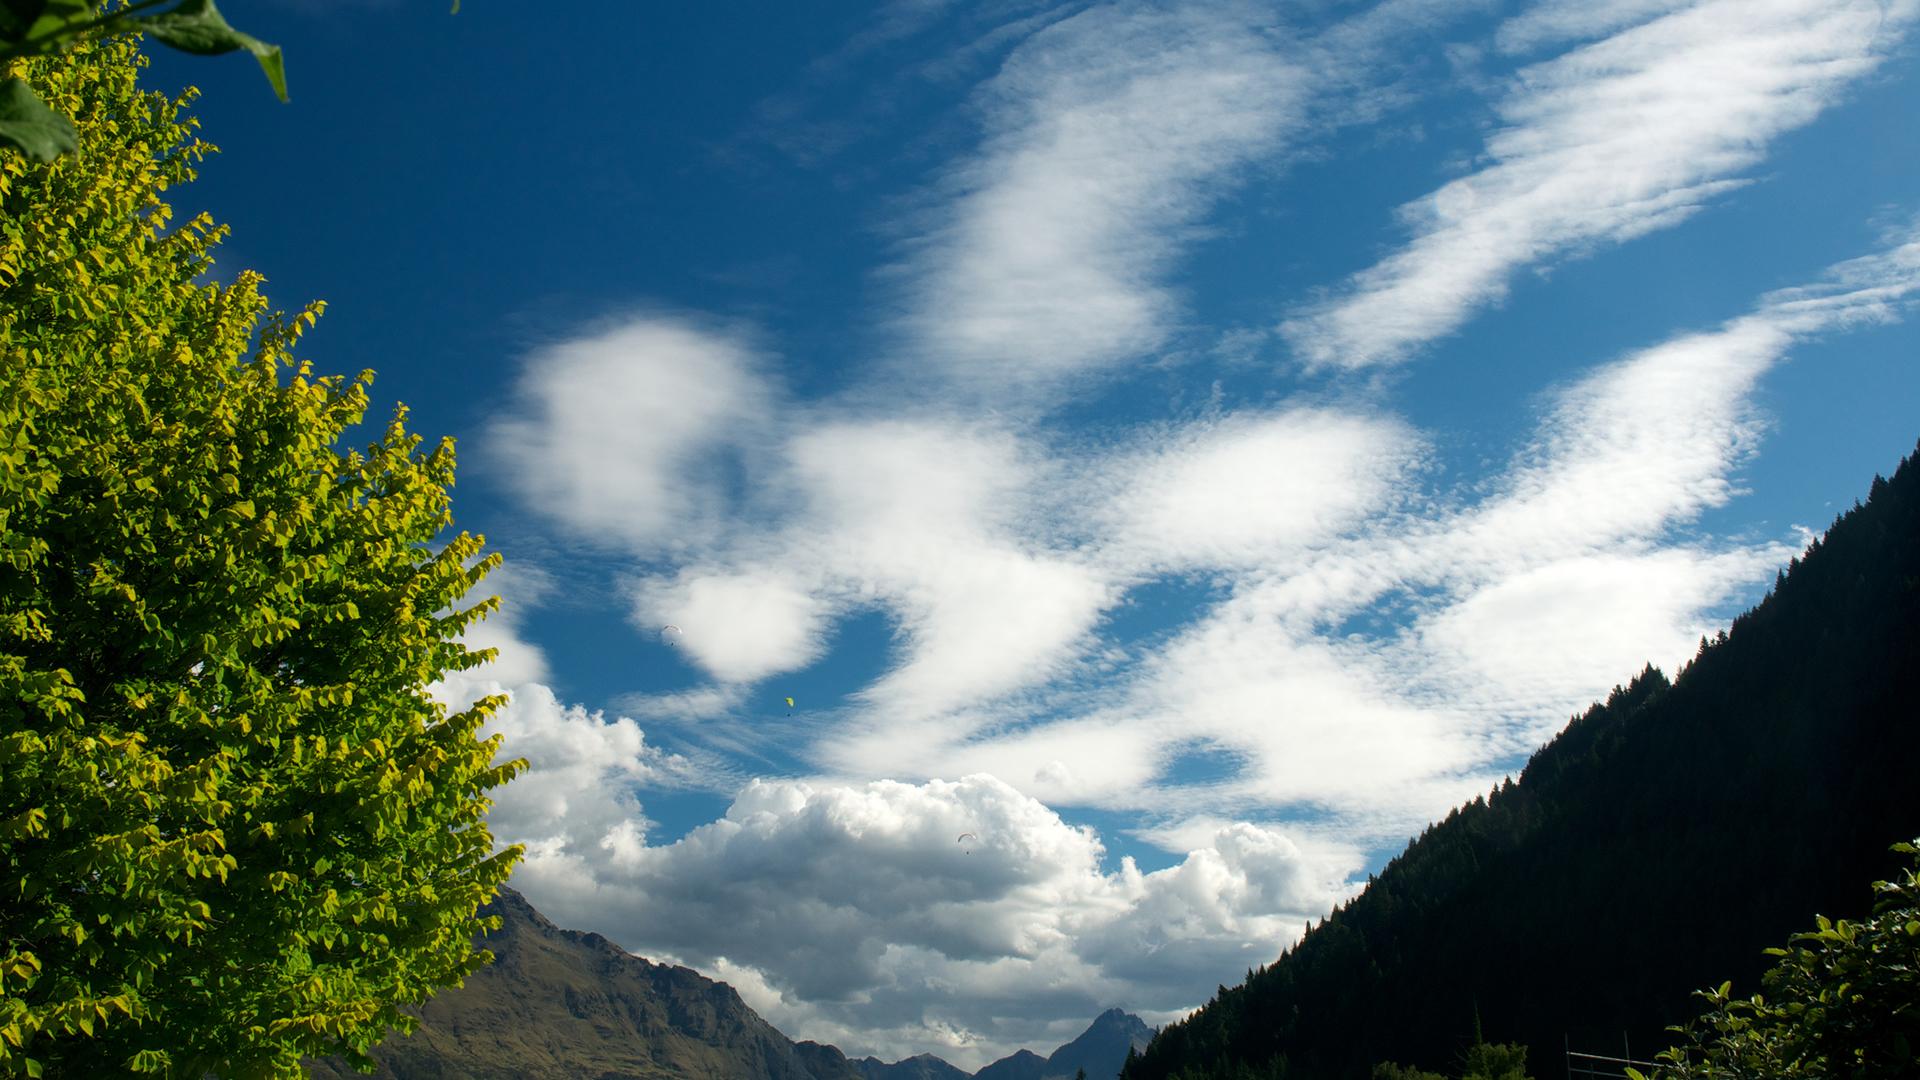 Clouds Hd Wallpaper Wallpapersafari